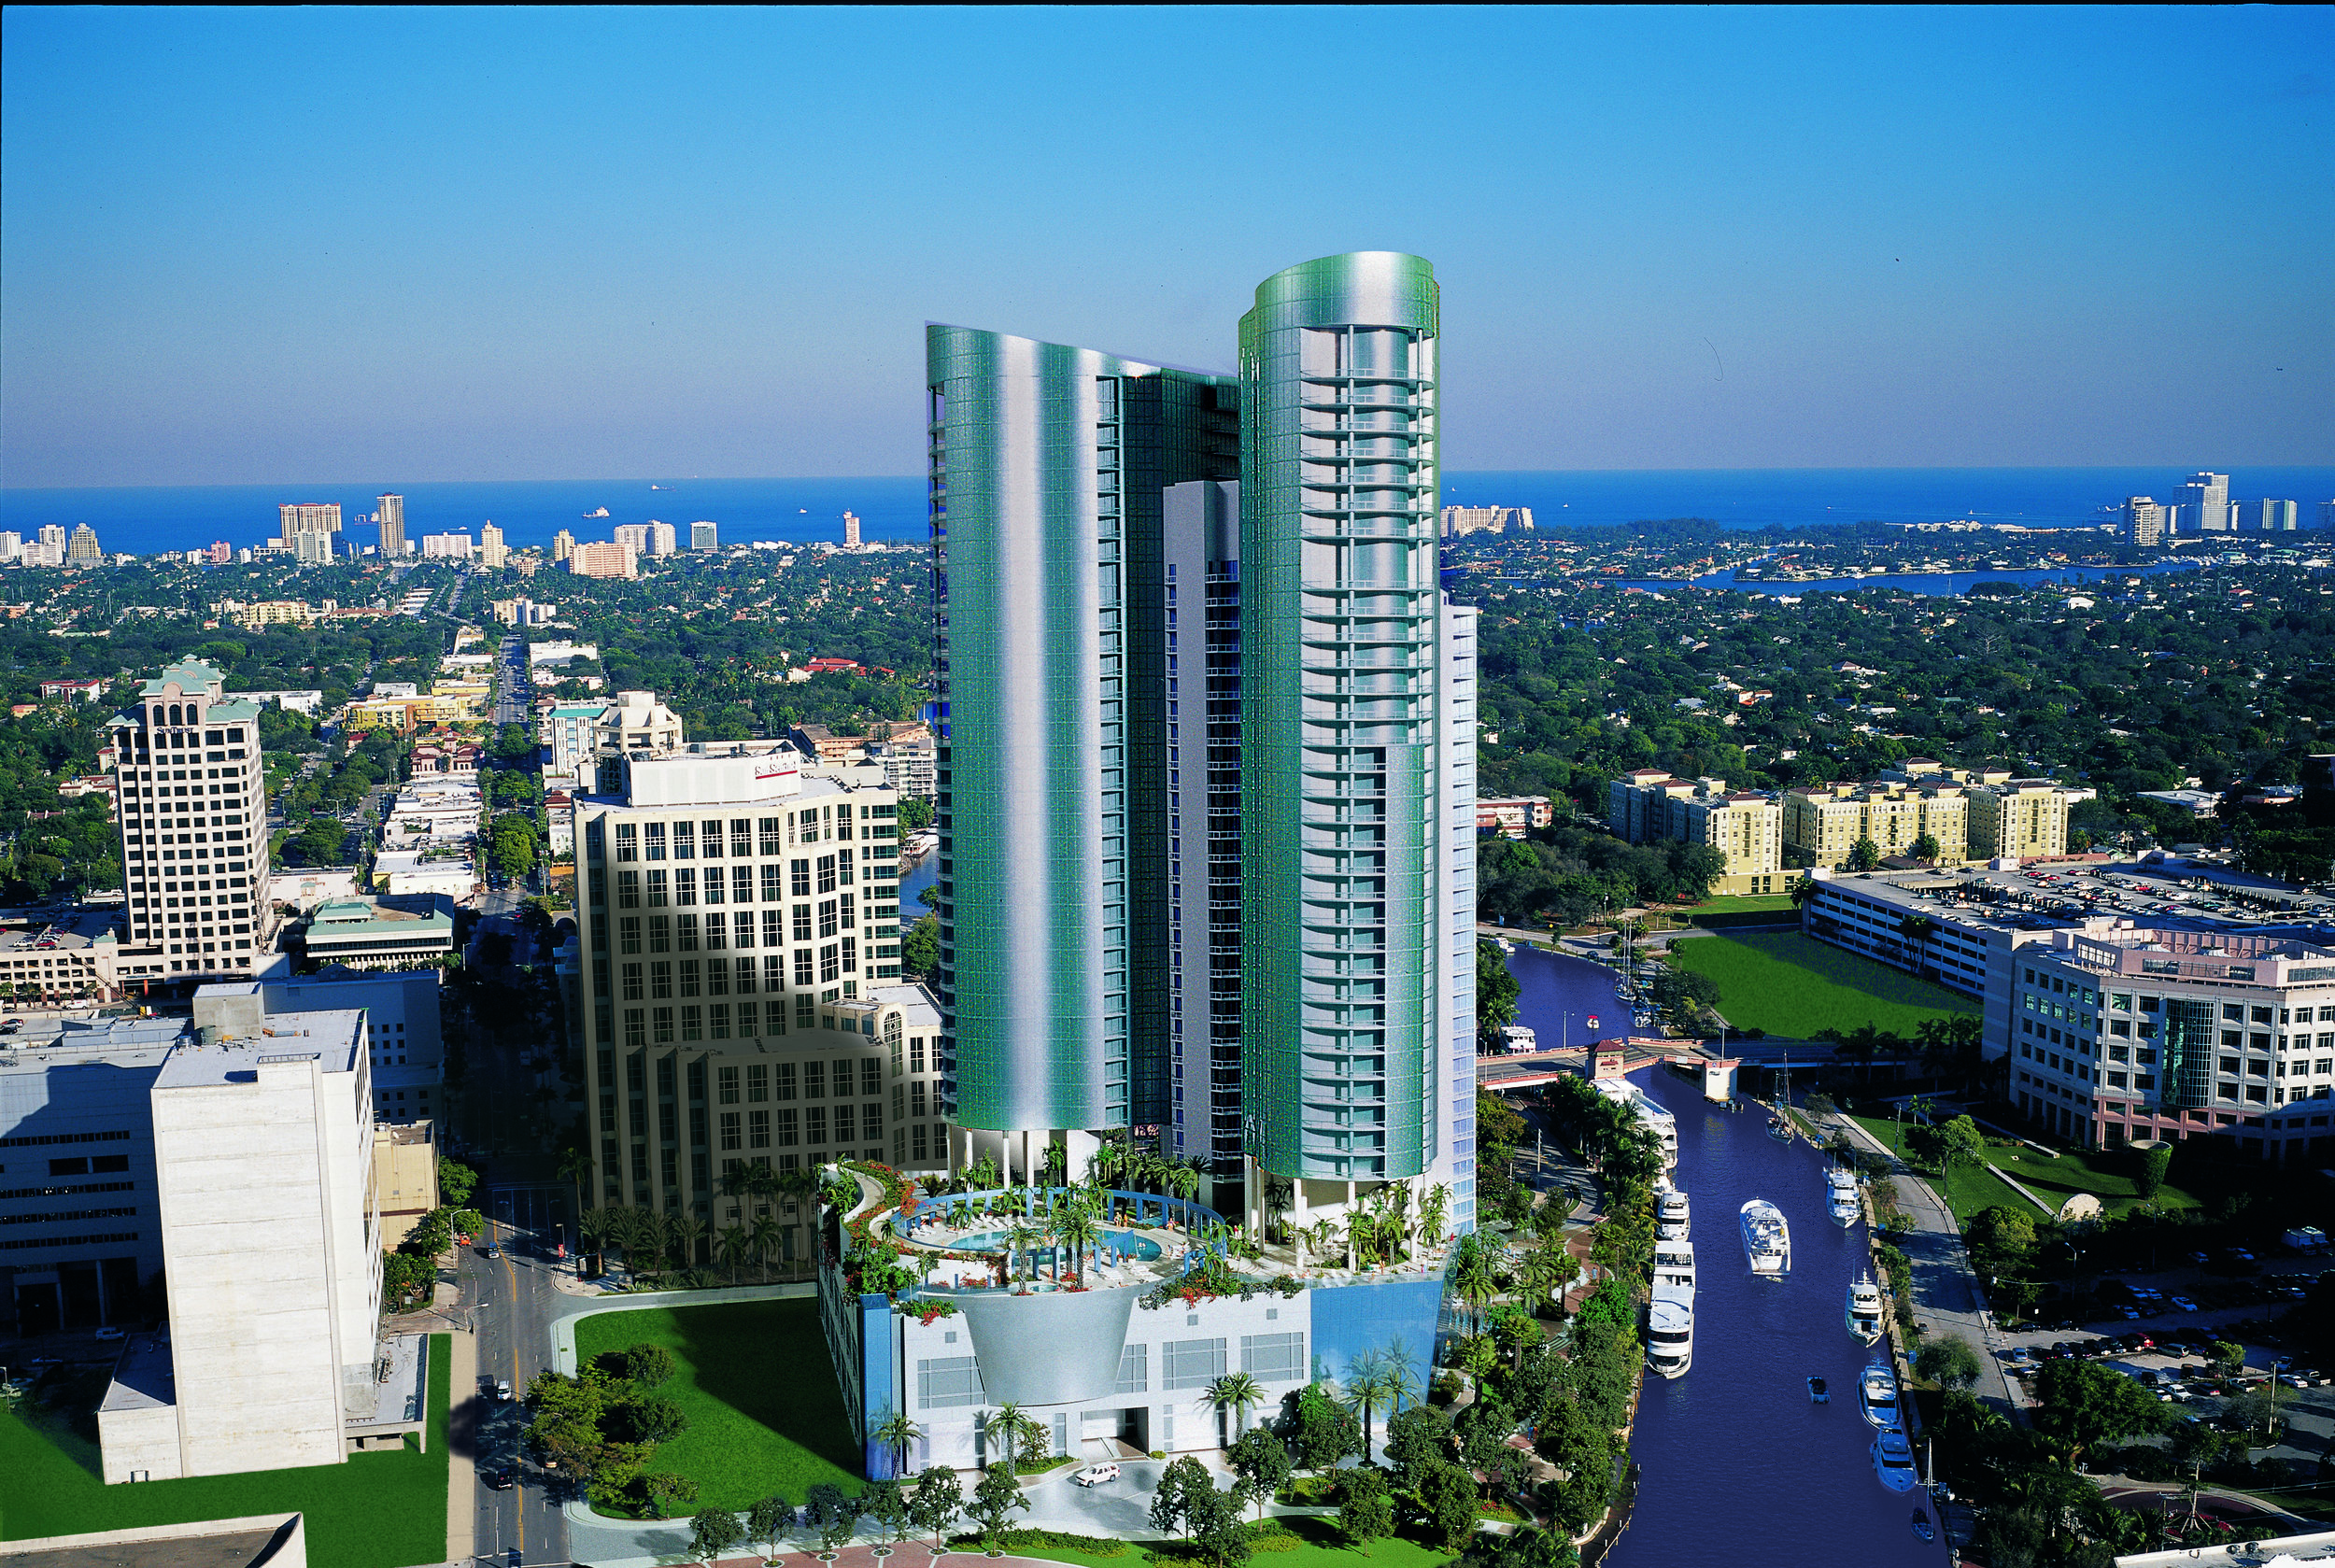 Las Olas River House | Fort Lauderdale, FL | Architect: Sieger Suarez